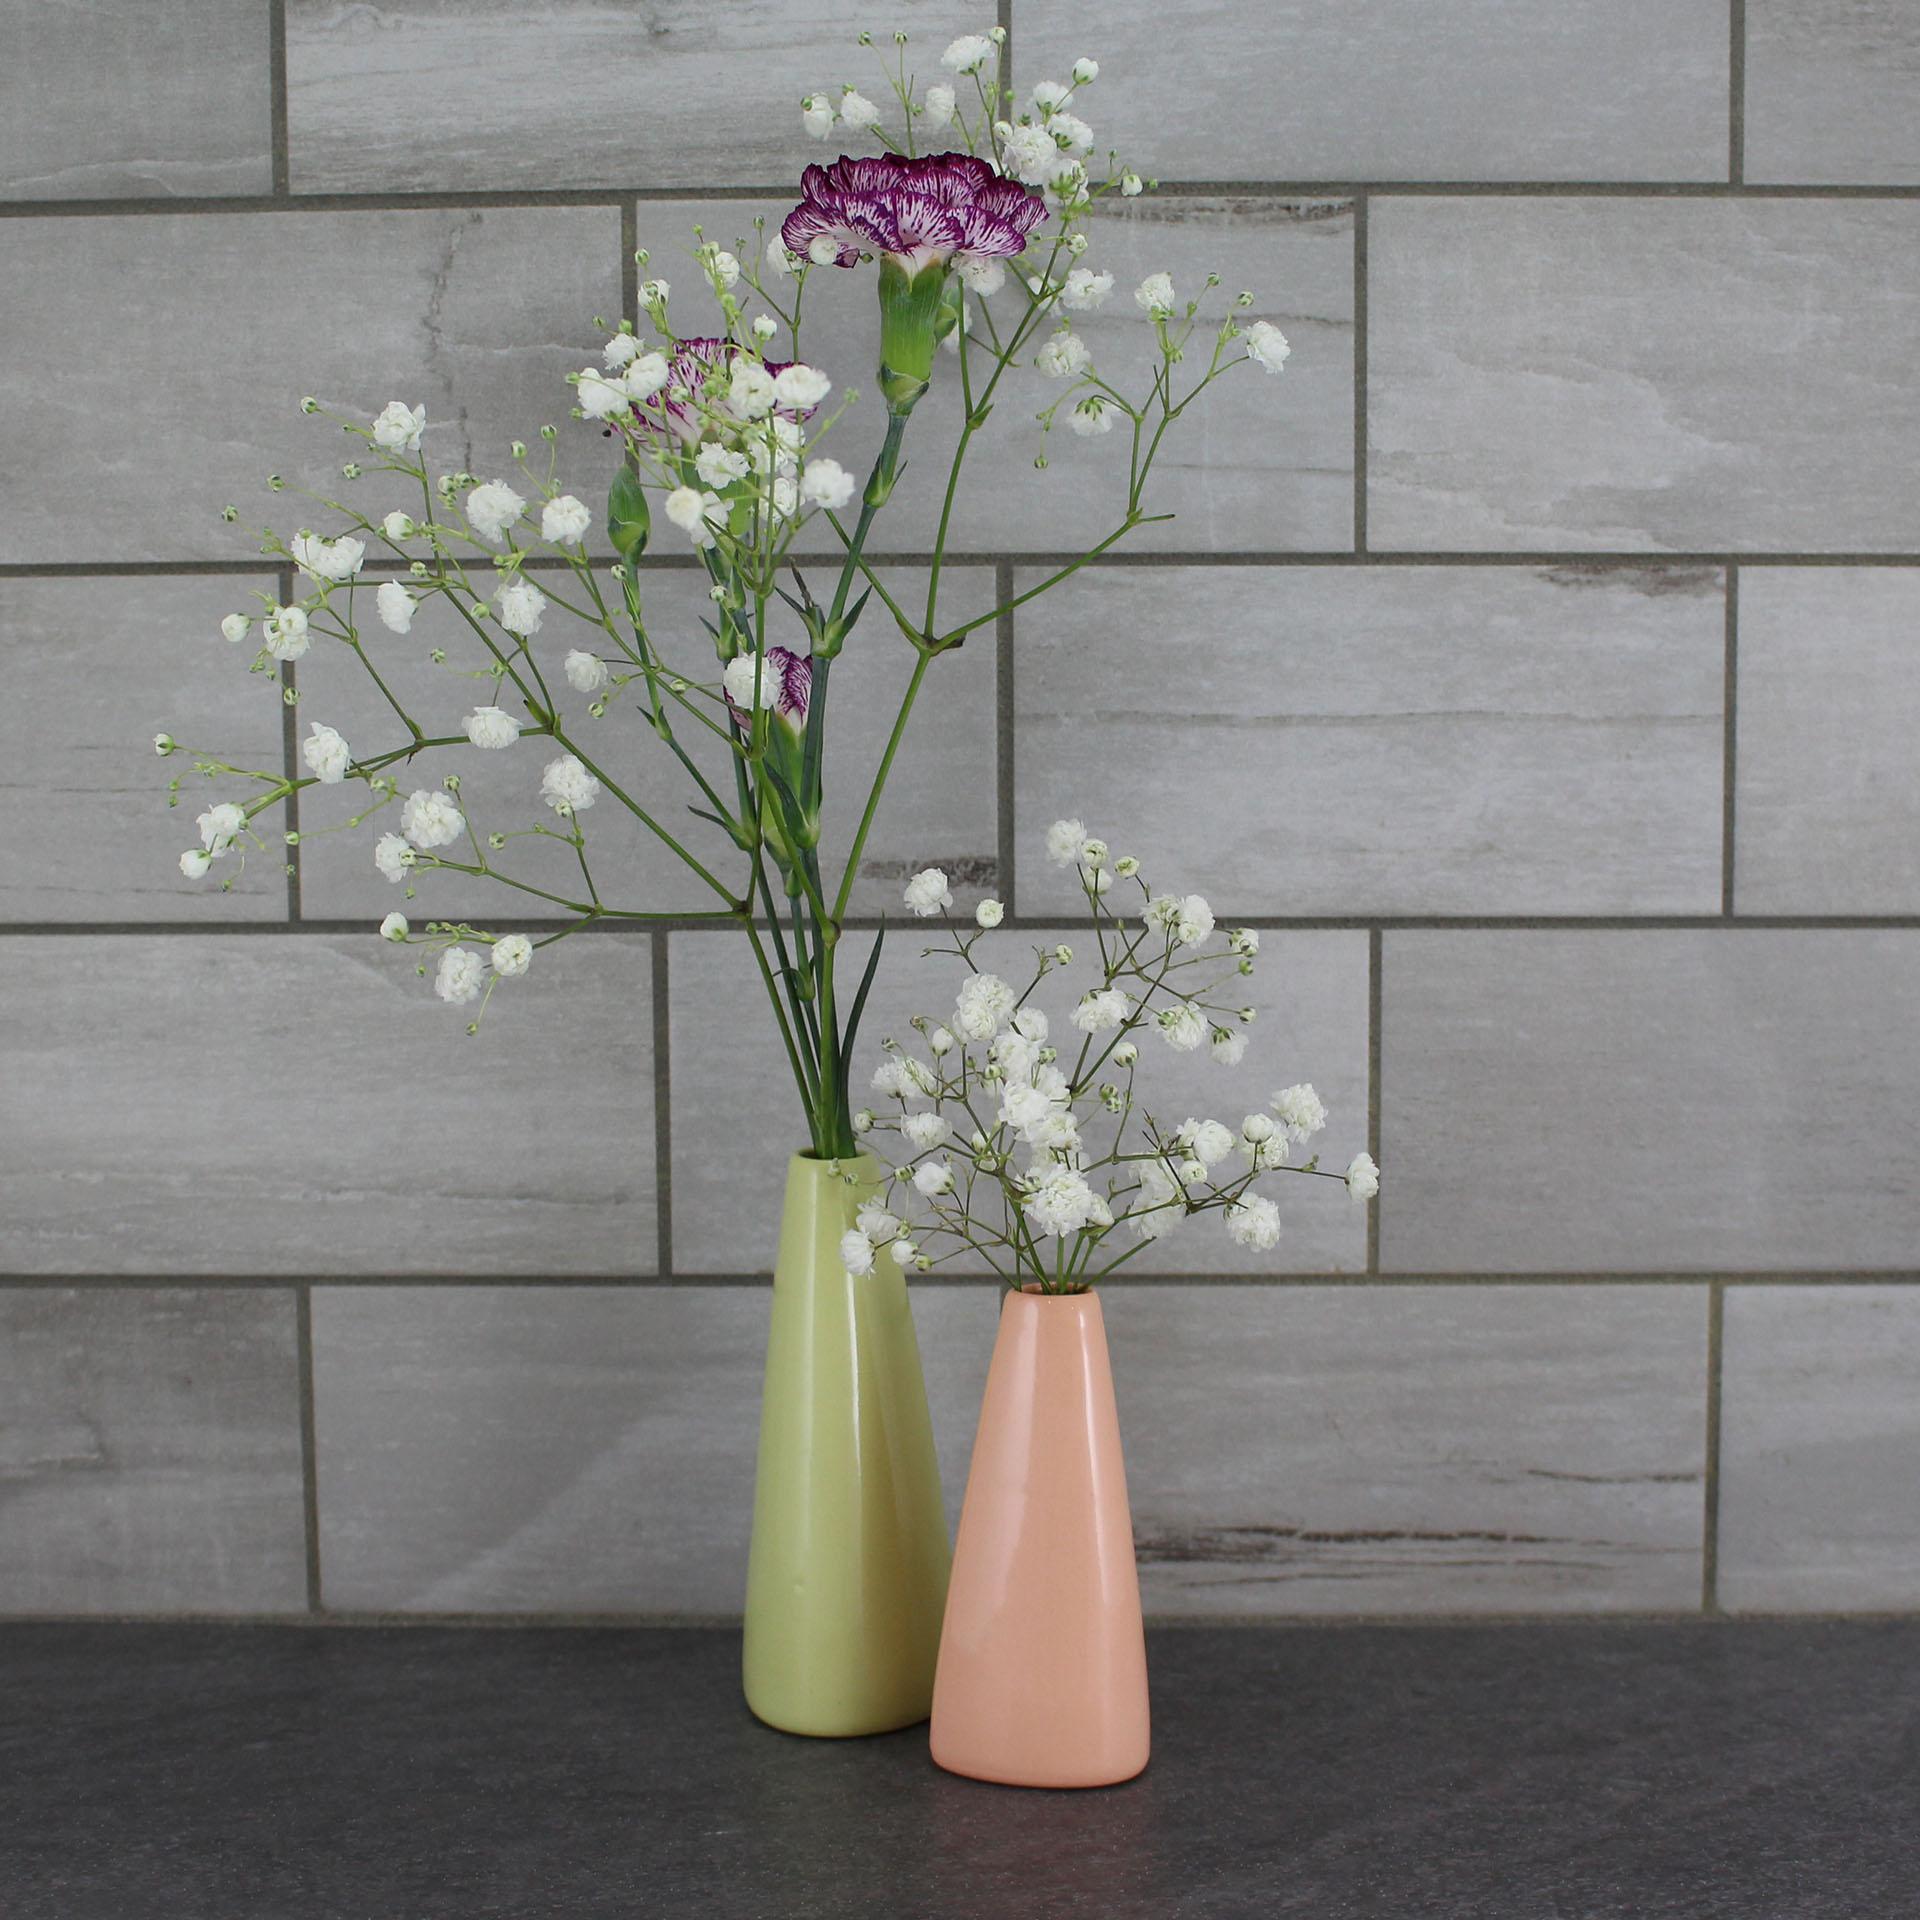 OC_vases_flowers3.jpg